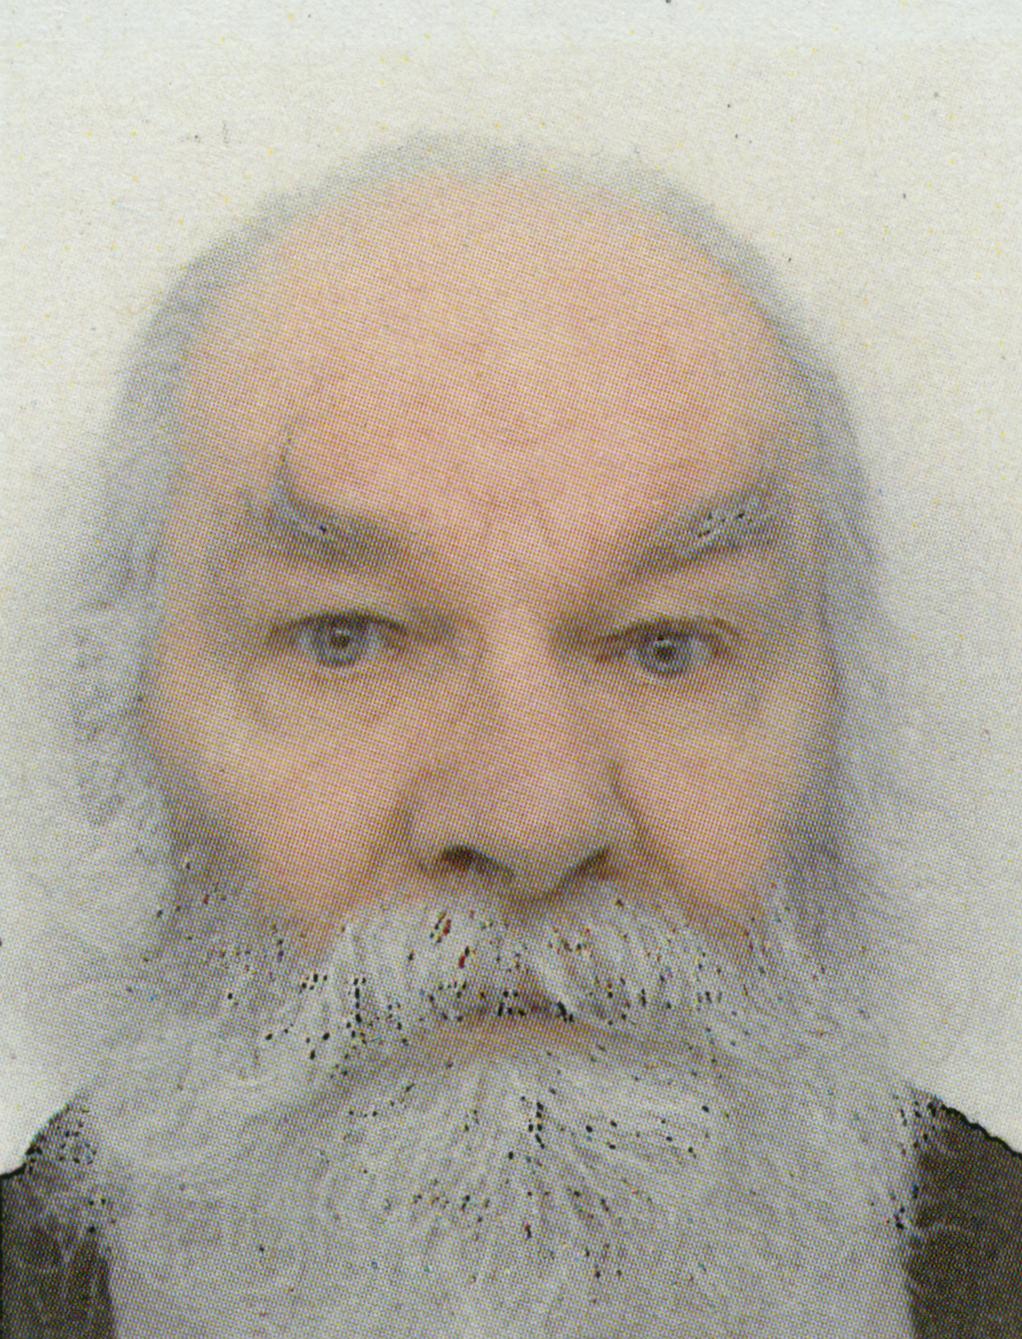 Der 71-jährige Christian Kessel aus Oberbilk wird vermisst (Foto: xity)